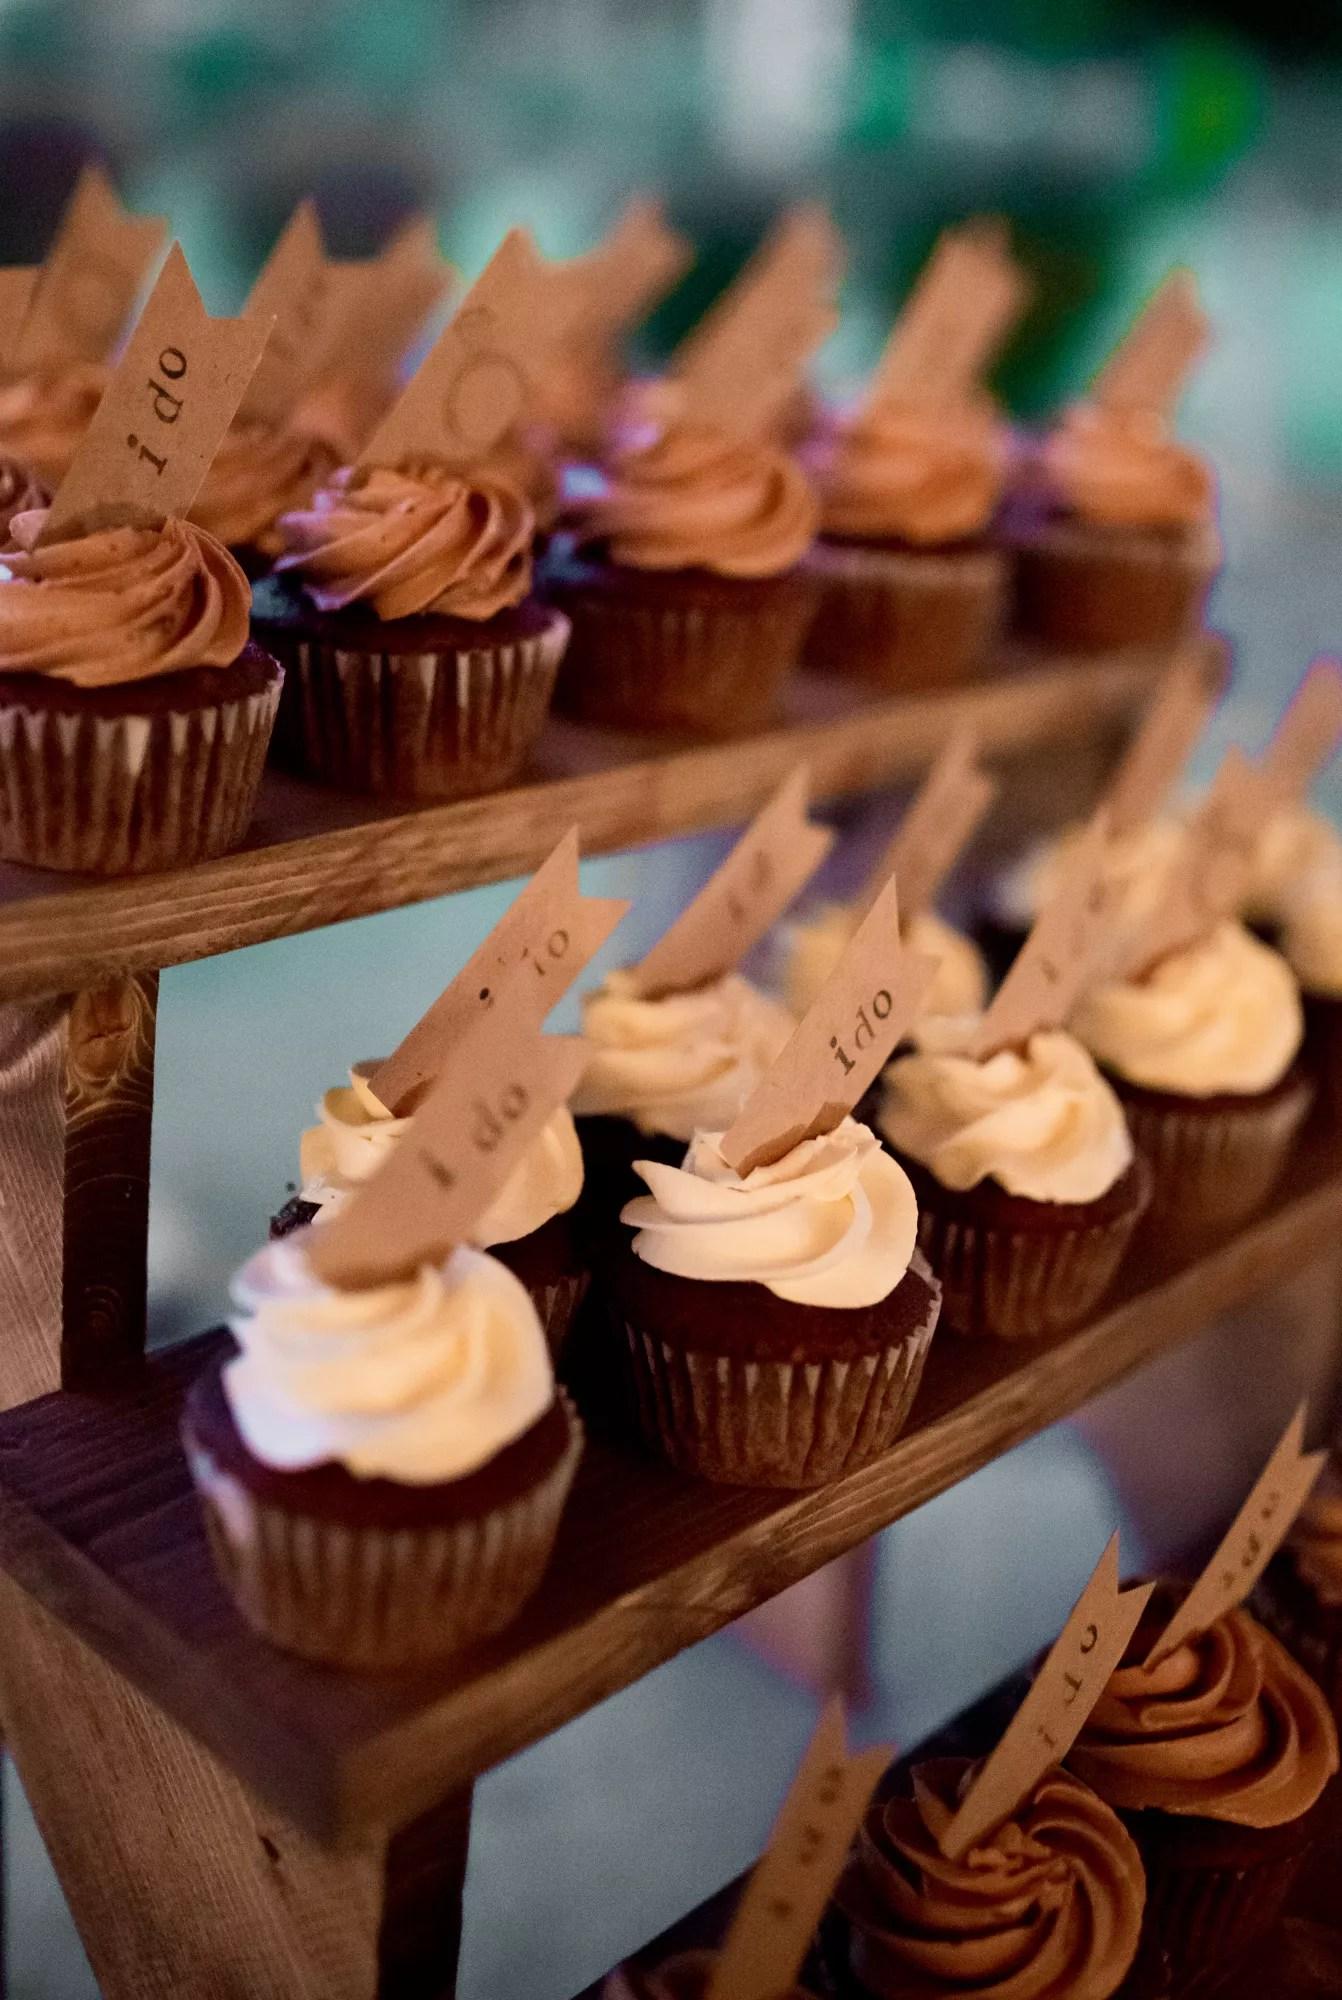 Rustic Cupcake Dessert Table Display